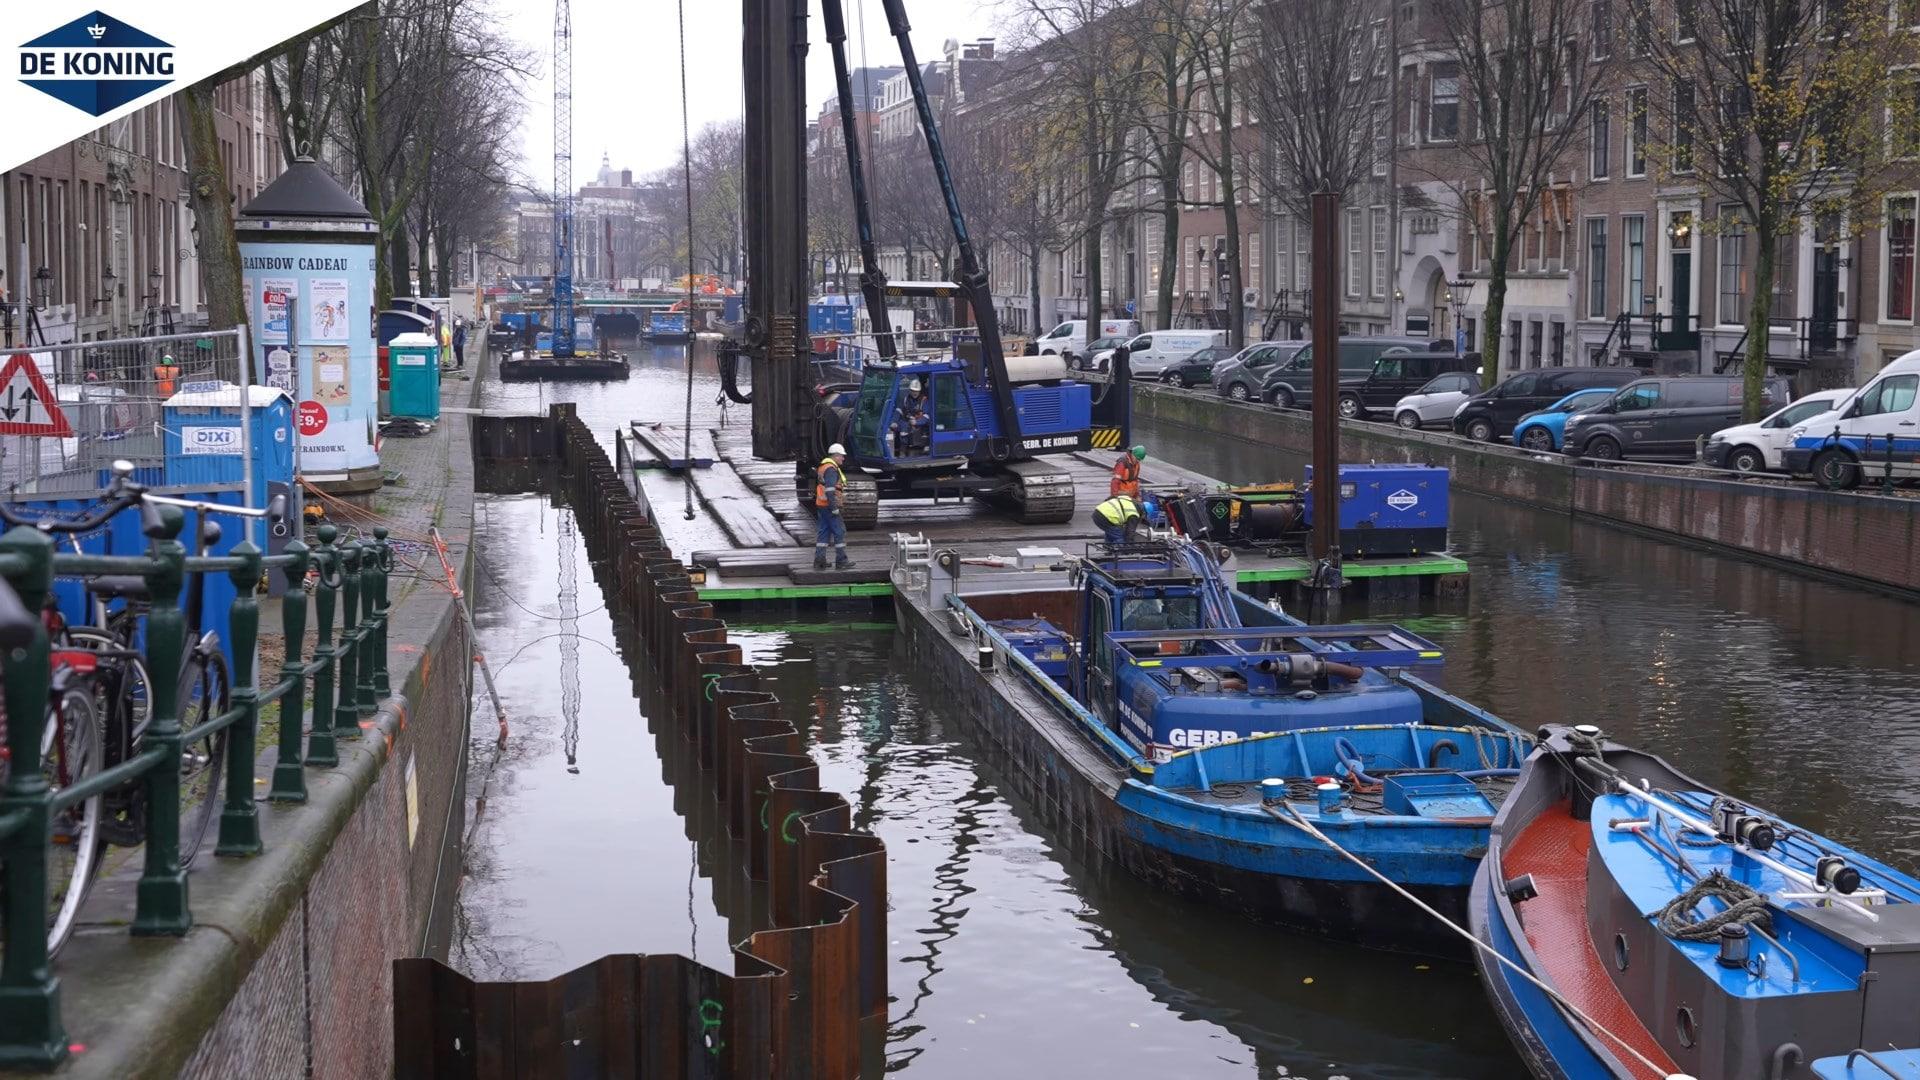 Noodmaatregelen kademuren Amsterdam